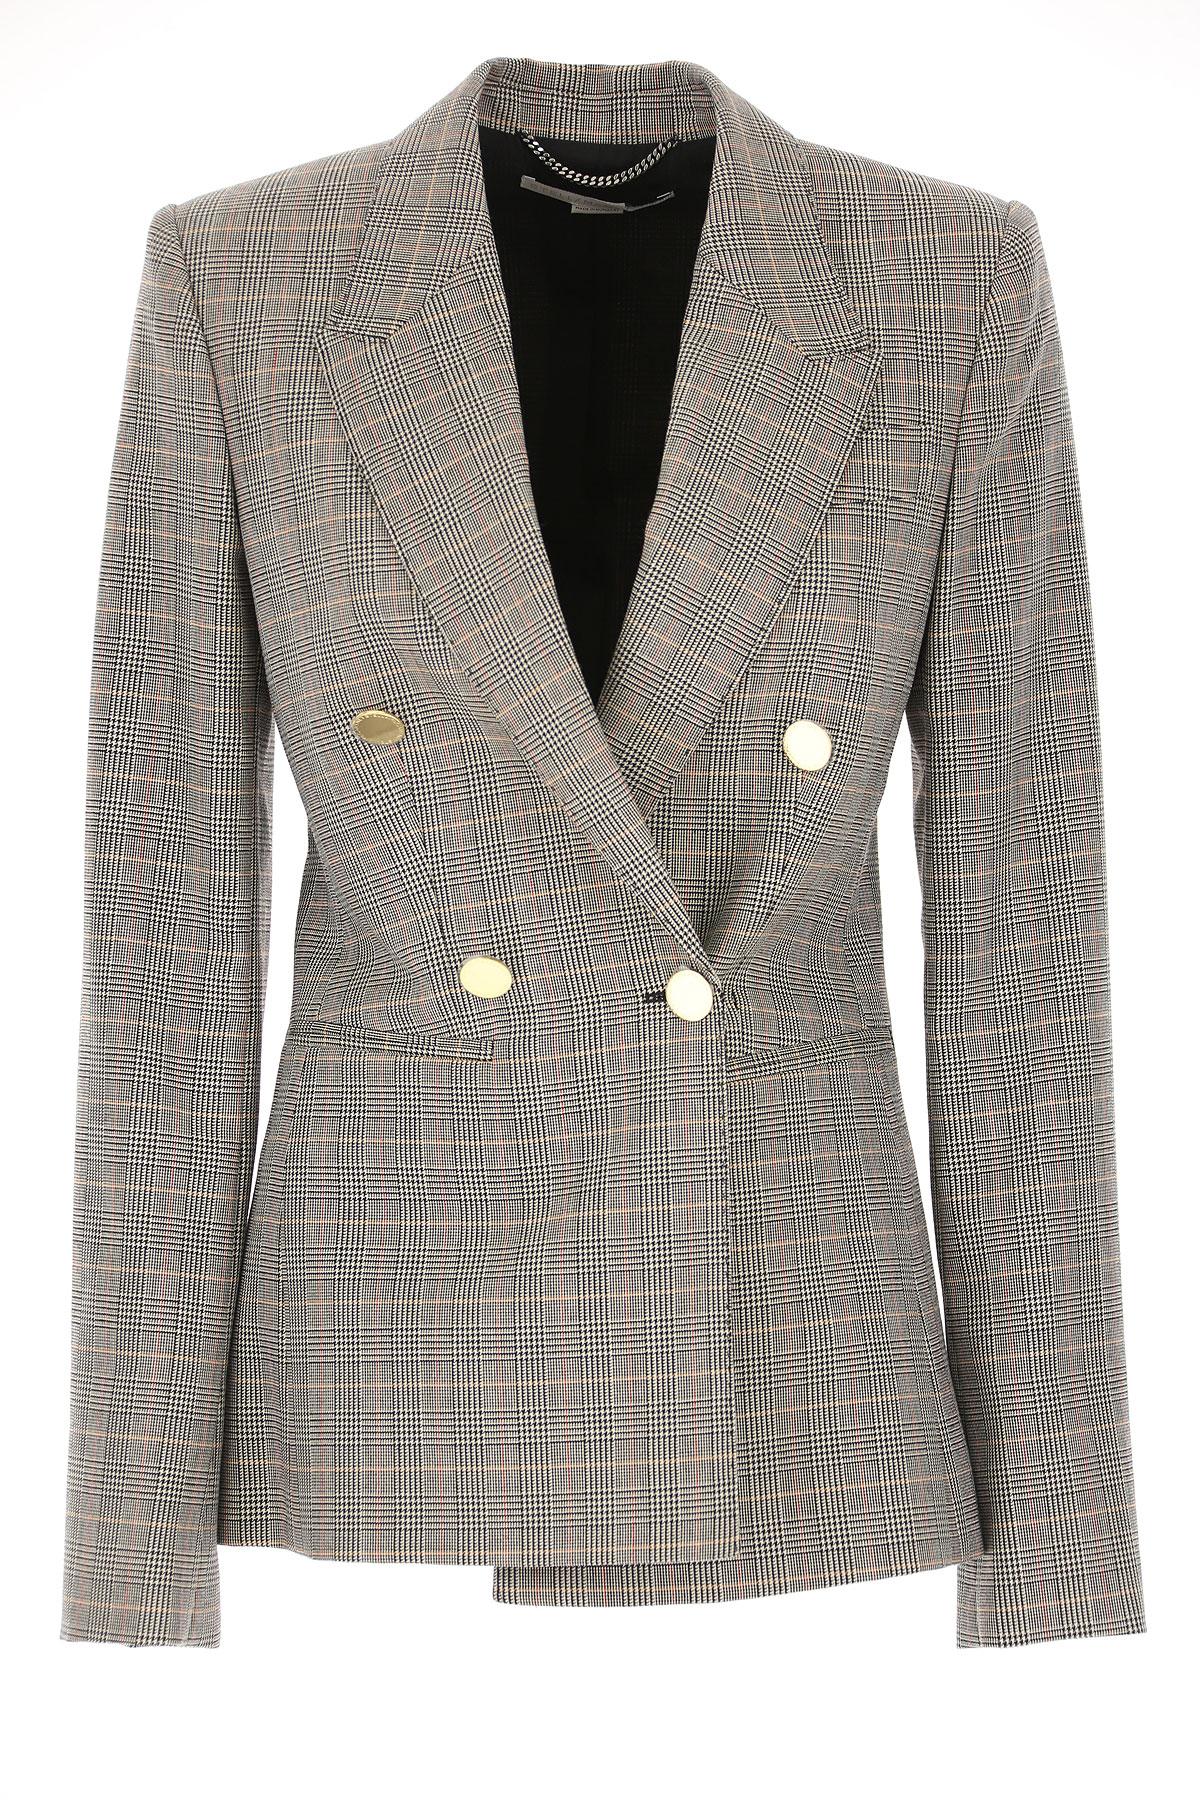 Stella McCartney Blazer for Women On Sale, Black, Wool, 2019, 10 6 8